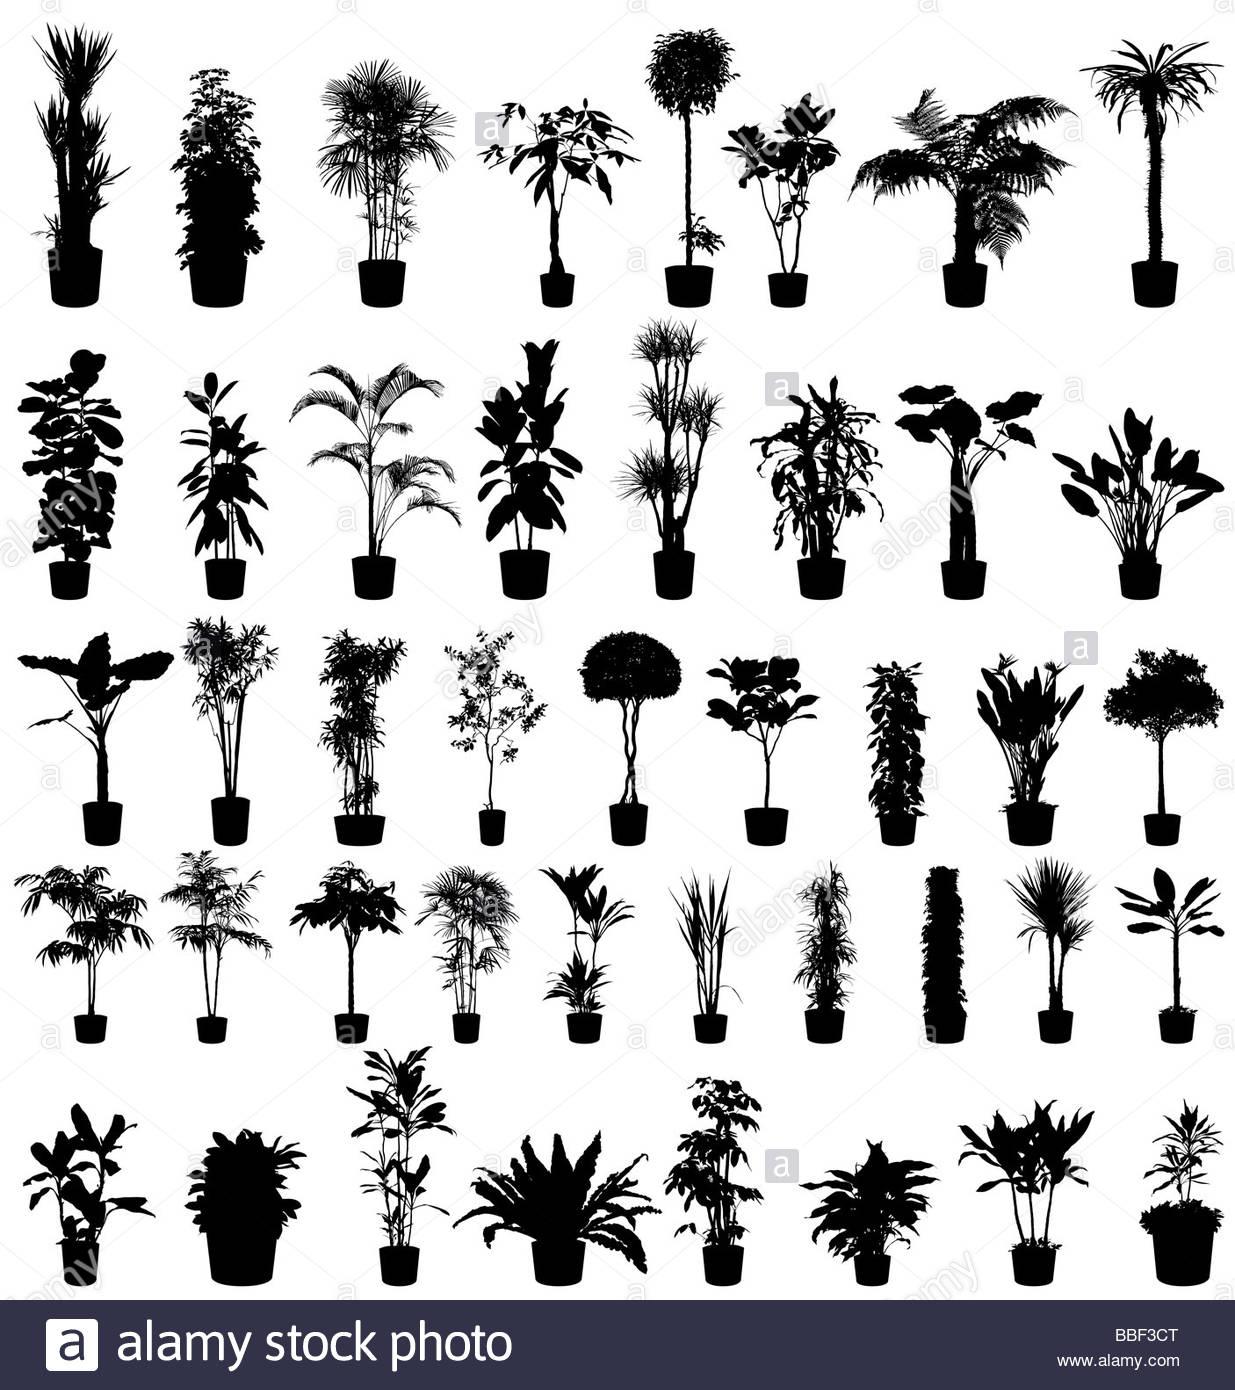 große Bäume und Pflanzen-Silhouetten-Sammlung Stockbild